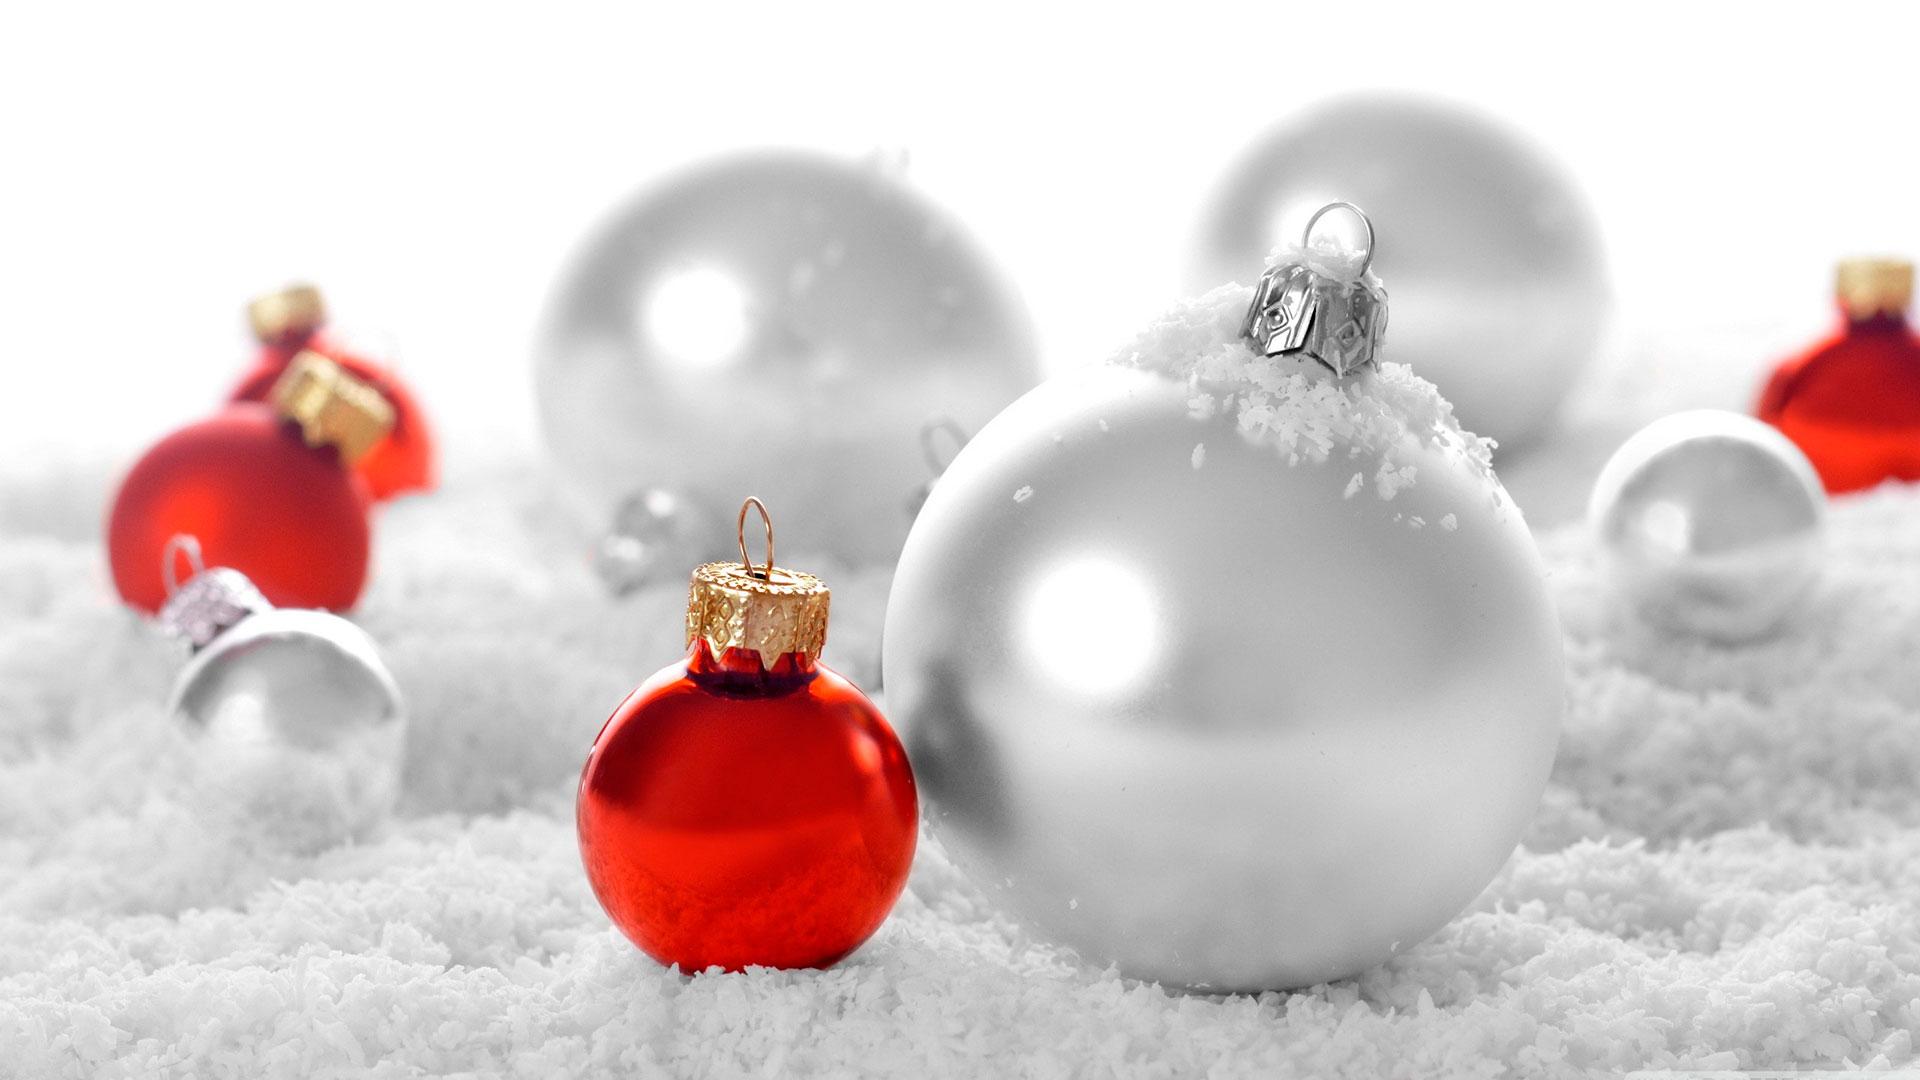 fondos con bolas de navidad